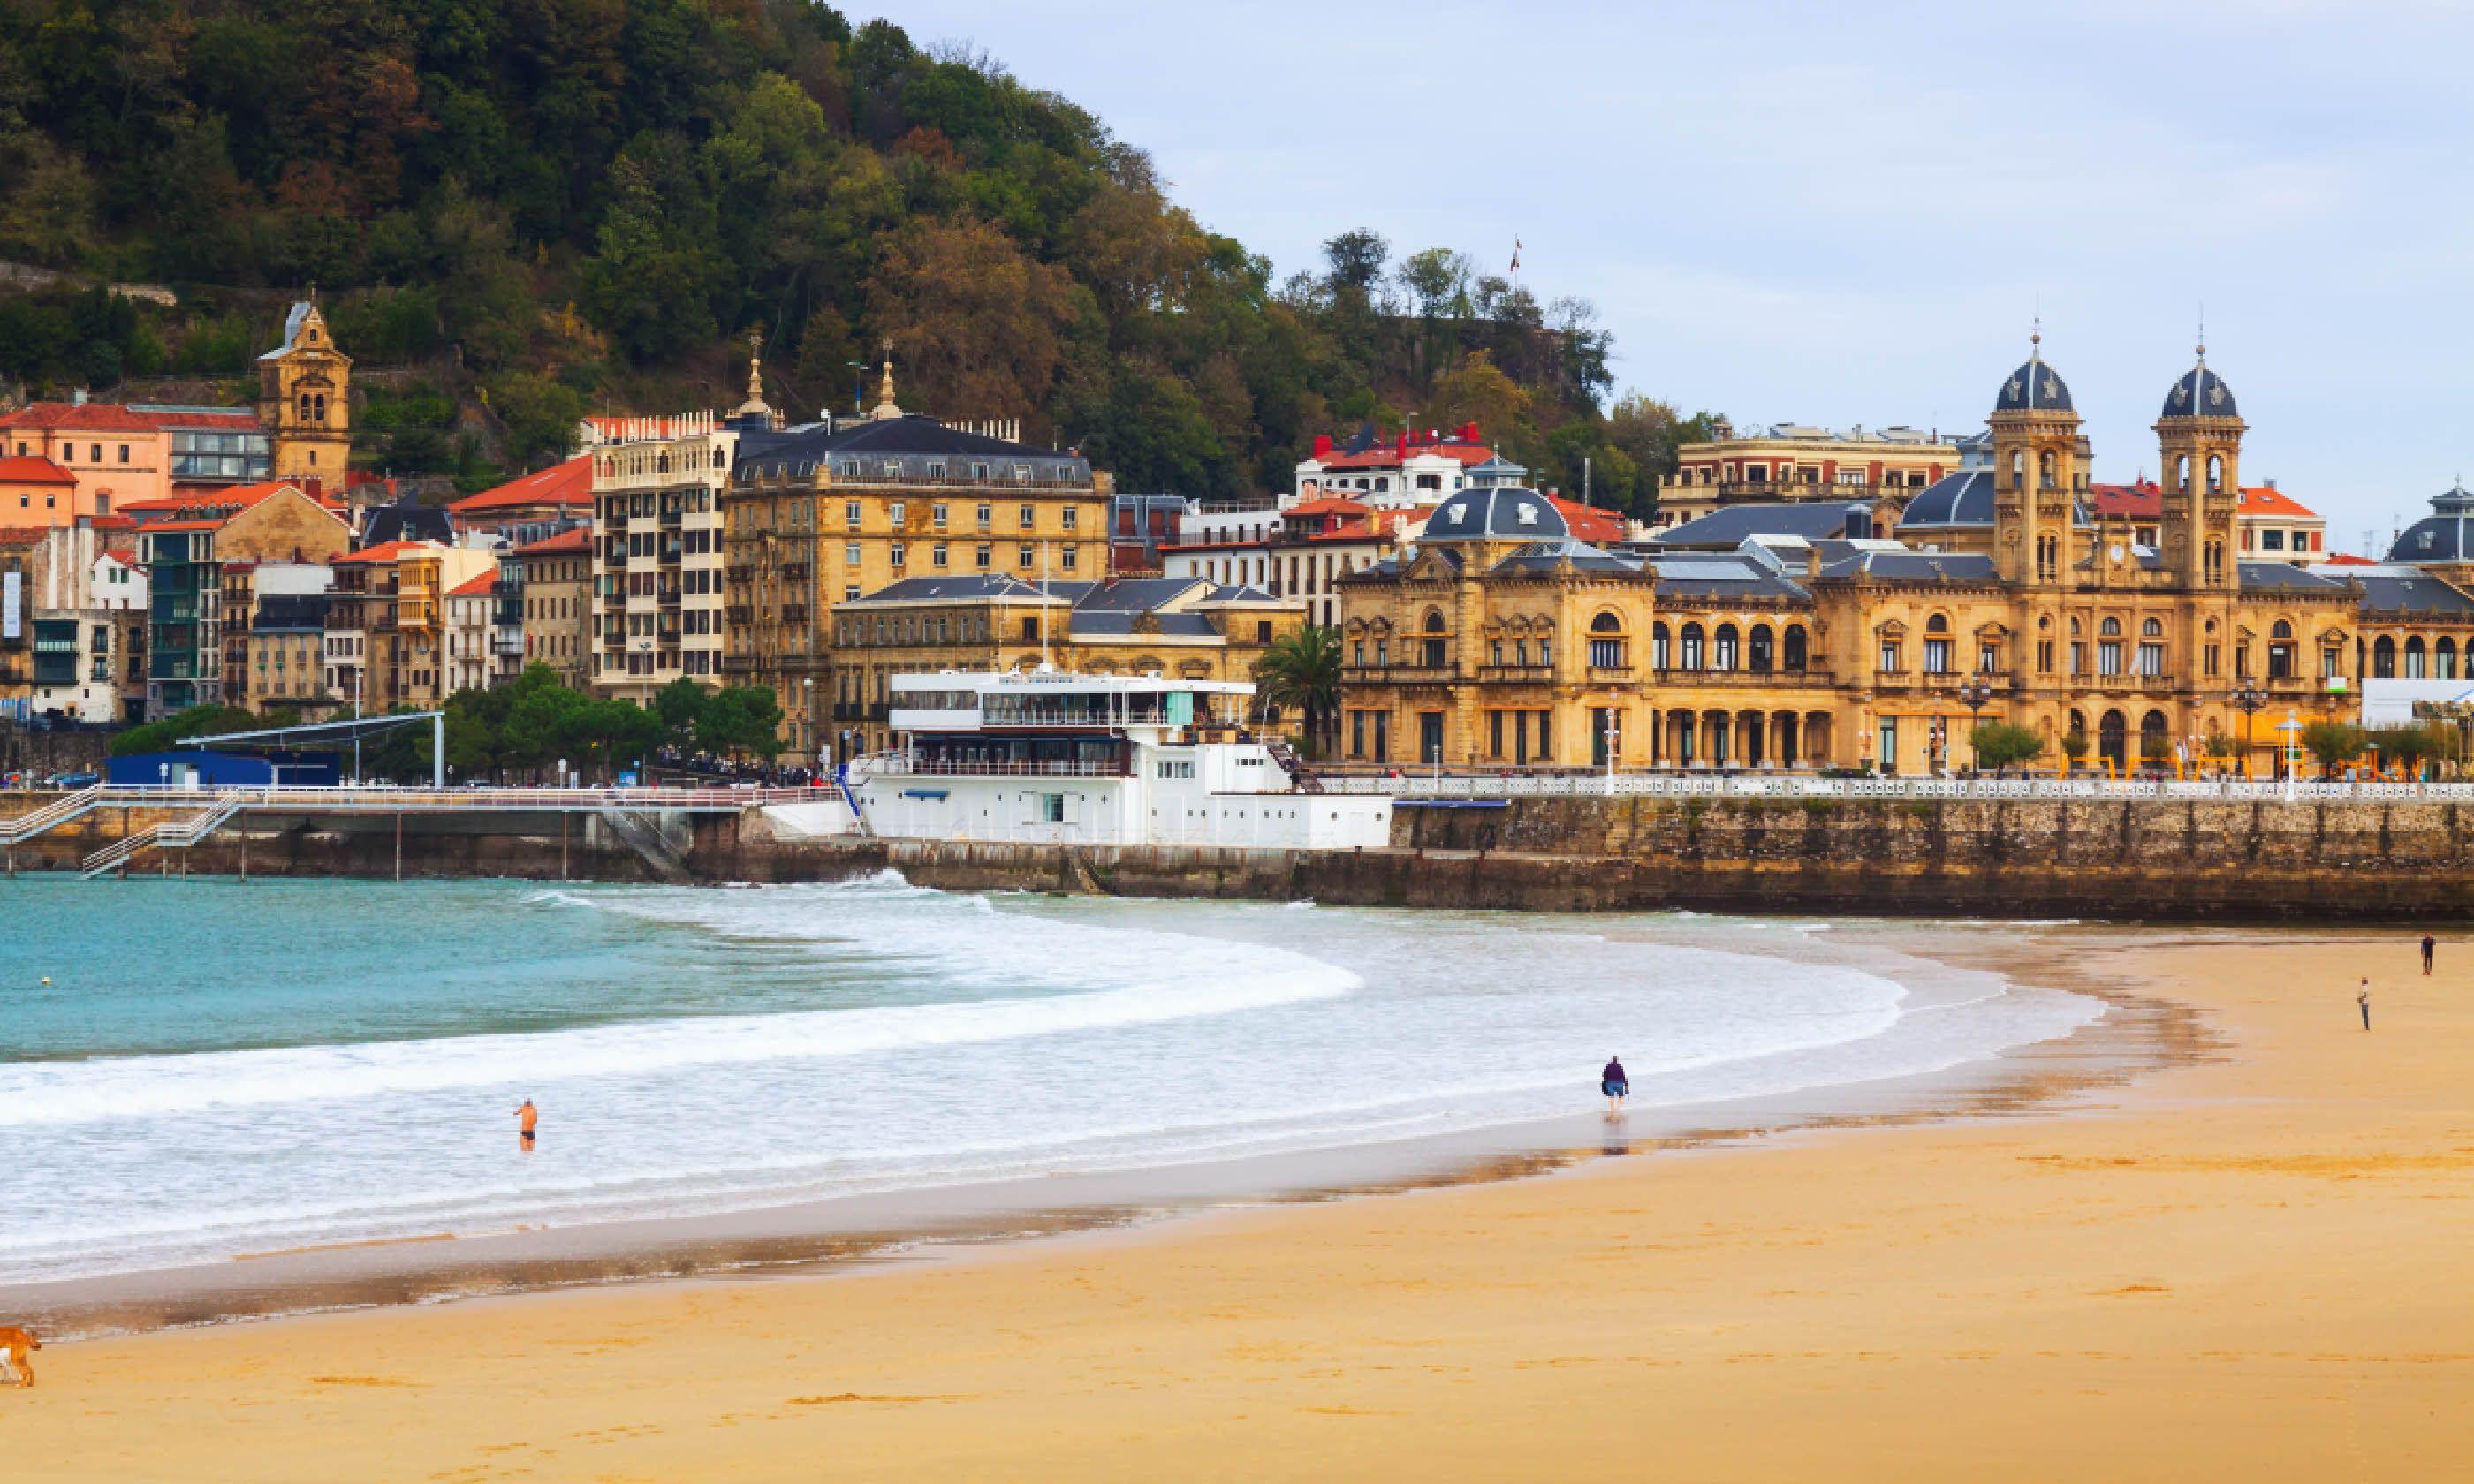 La Concha beach in San Sebastian. Spain (Shutterstock)